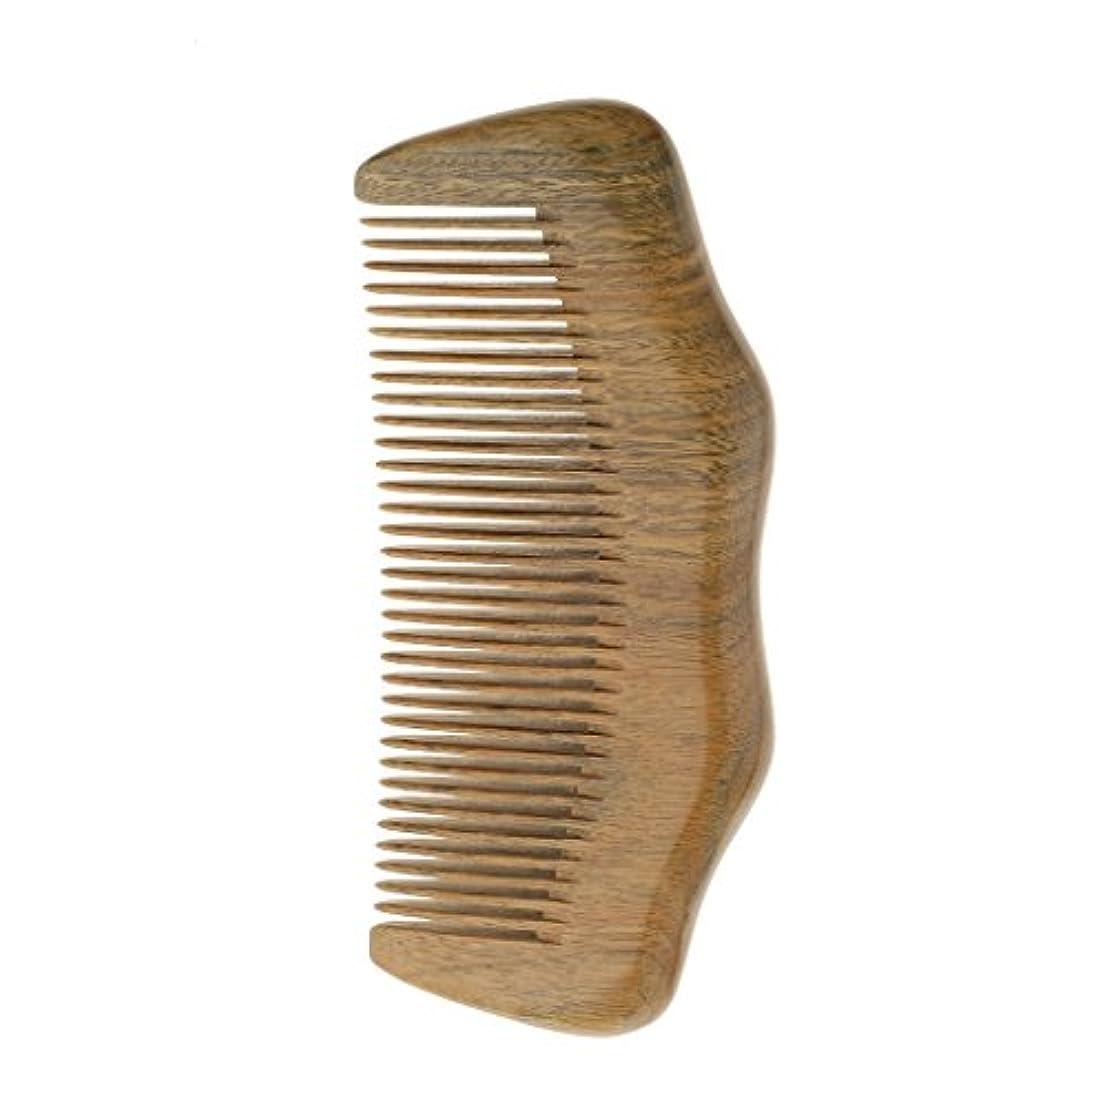 素晴らしいです写真の生き返らせるToygogo プロのサンダルウッド帯電防止マッサージ櫛木製ポケットヘアブラシ閉じる歯ブラシ